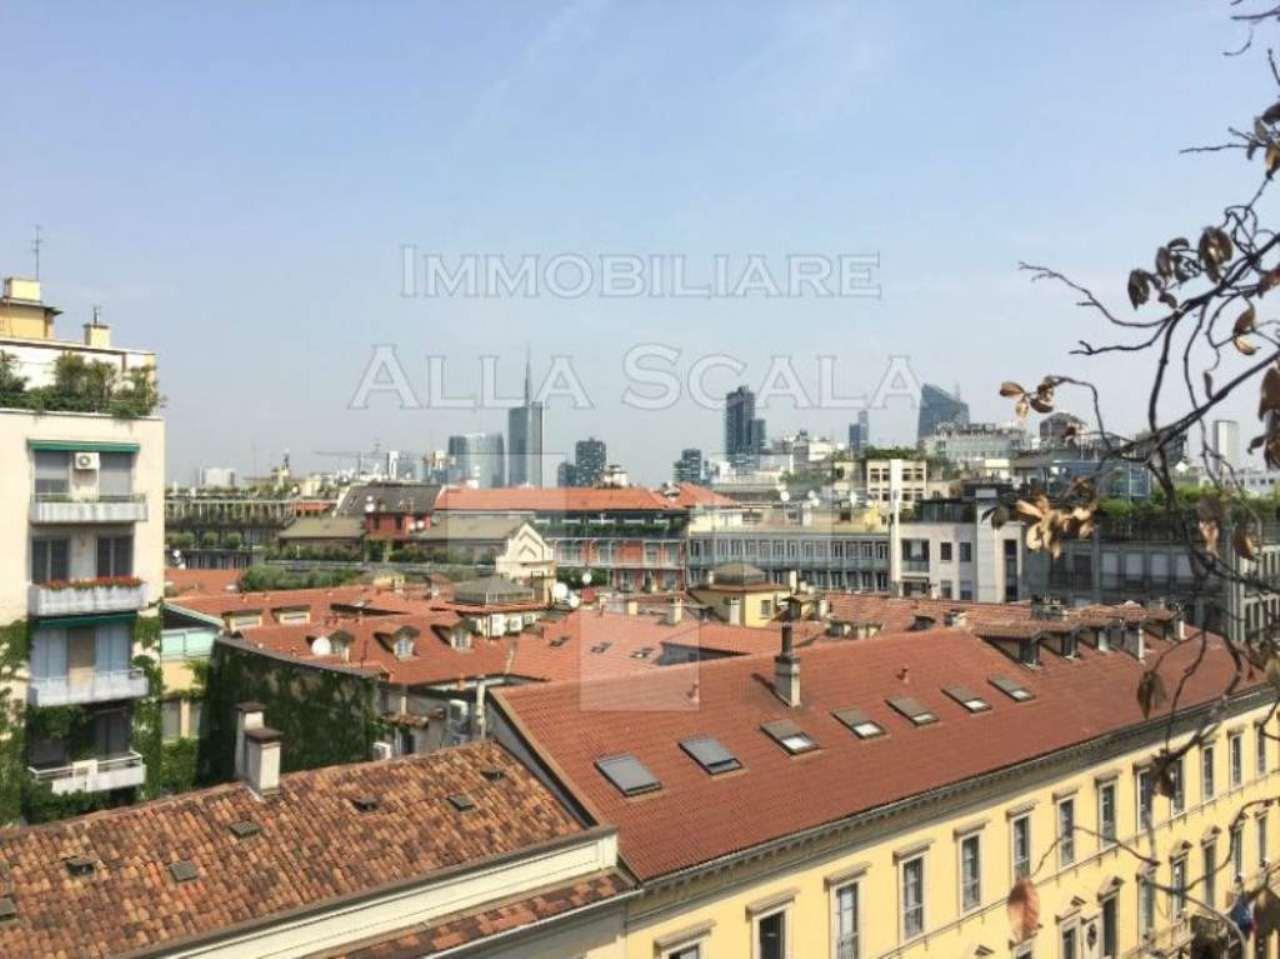 Attico in Vendita a Milano: 3 locali, 135 mq - Foto 8